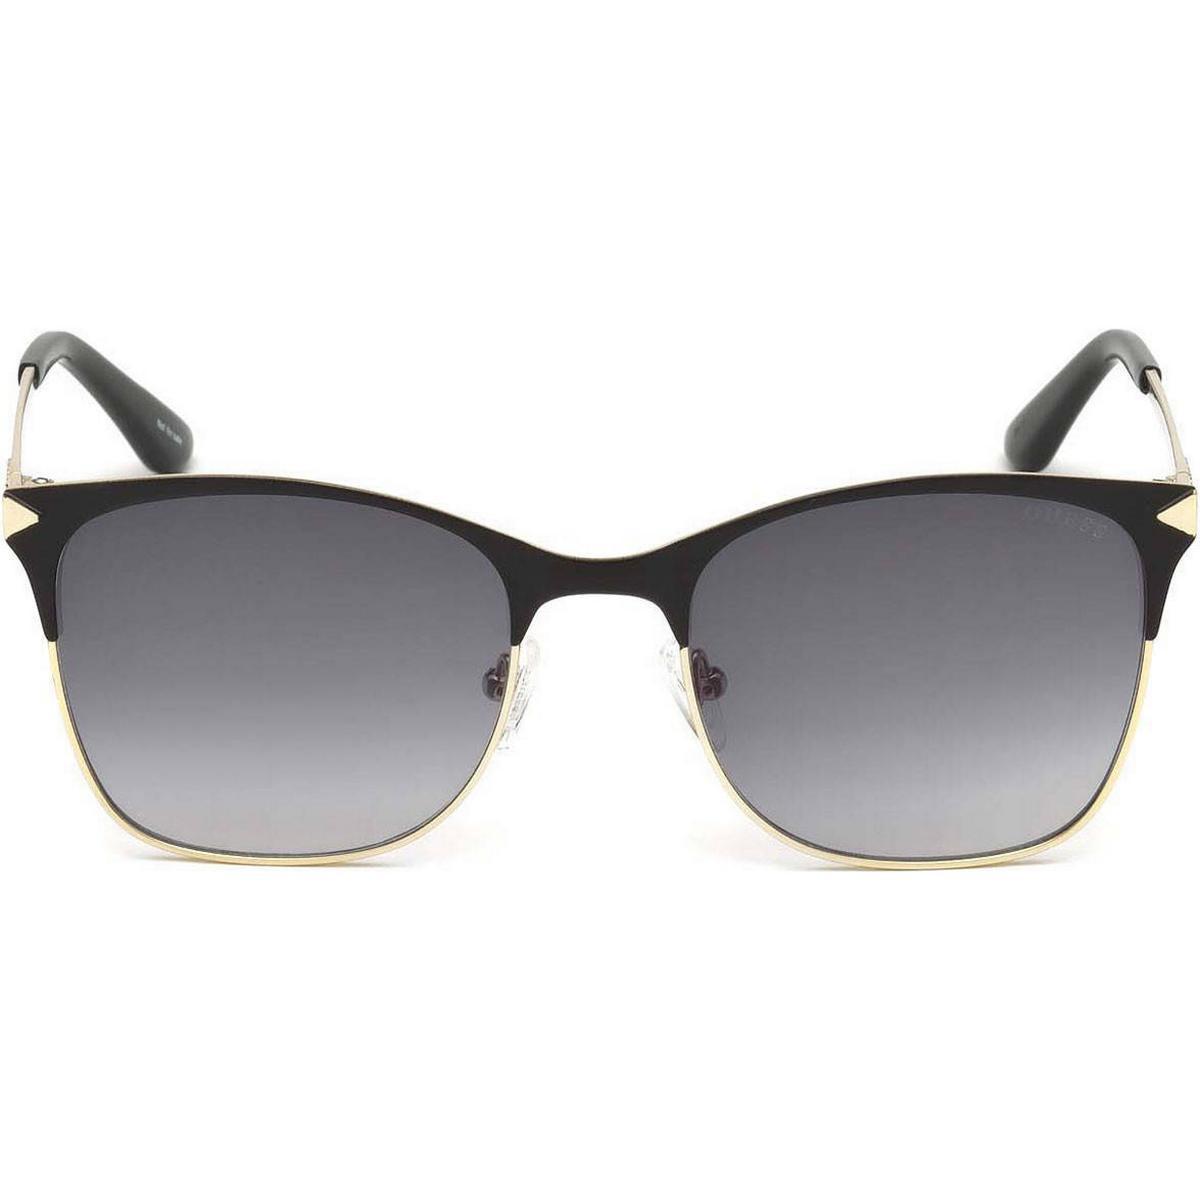 15e8c06daa36 Gucci Solbriller - Sammenlign priser hos PriceRunner